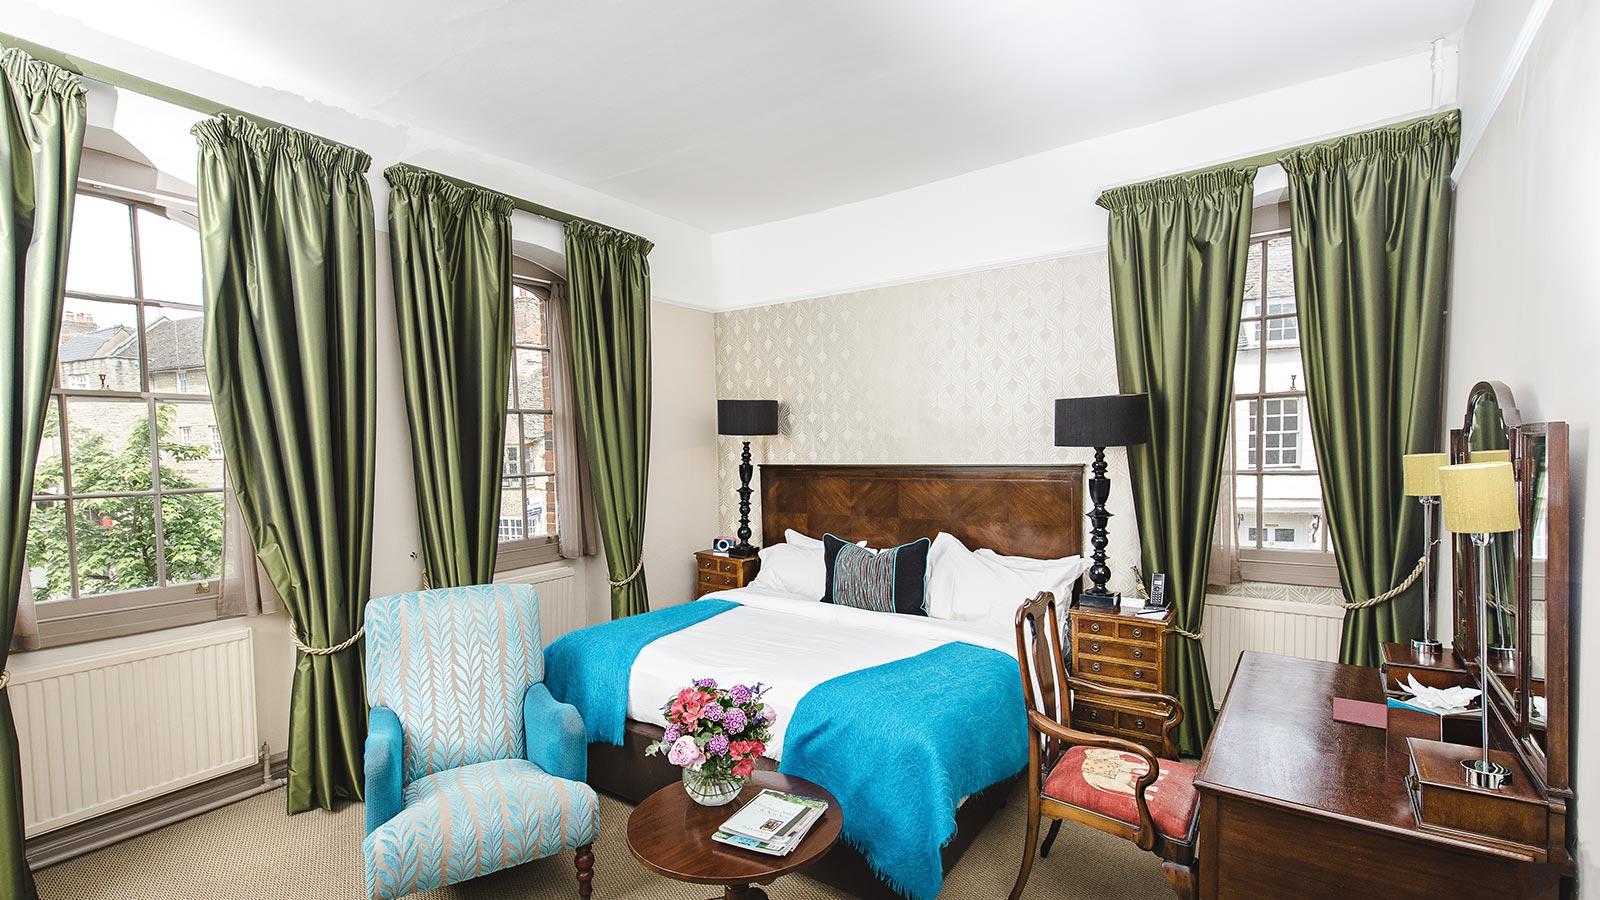 Luxury Hotels Banbury